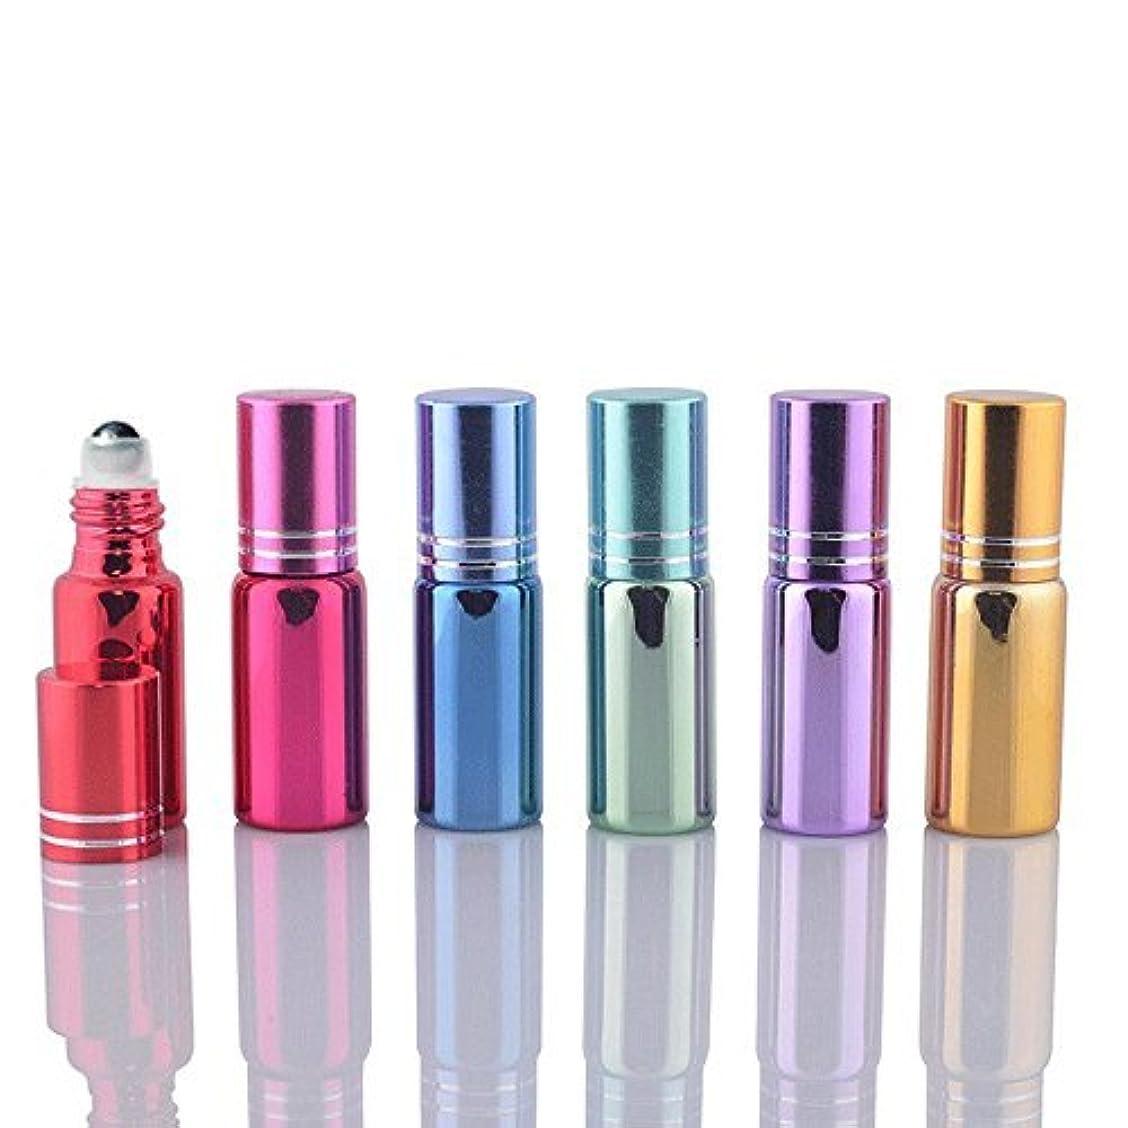 十一褐色平方6 Sets Assorted 5ml UV Coated Glass Roller Ball Rollon Bottles Grand Parfums Refillable Glass Bottles with Stainless Steel Rollers for Essential Oil, Serums,Fragrance, [並行輸入品]